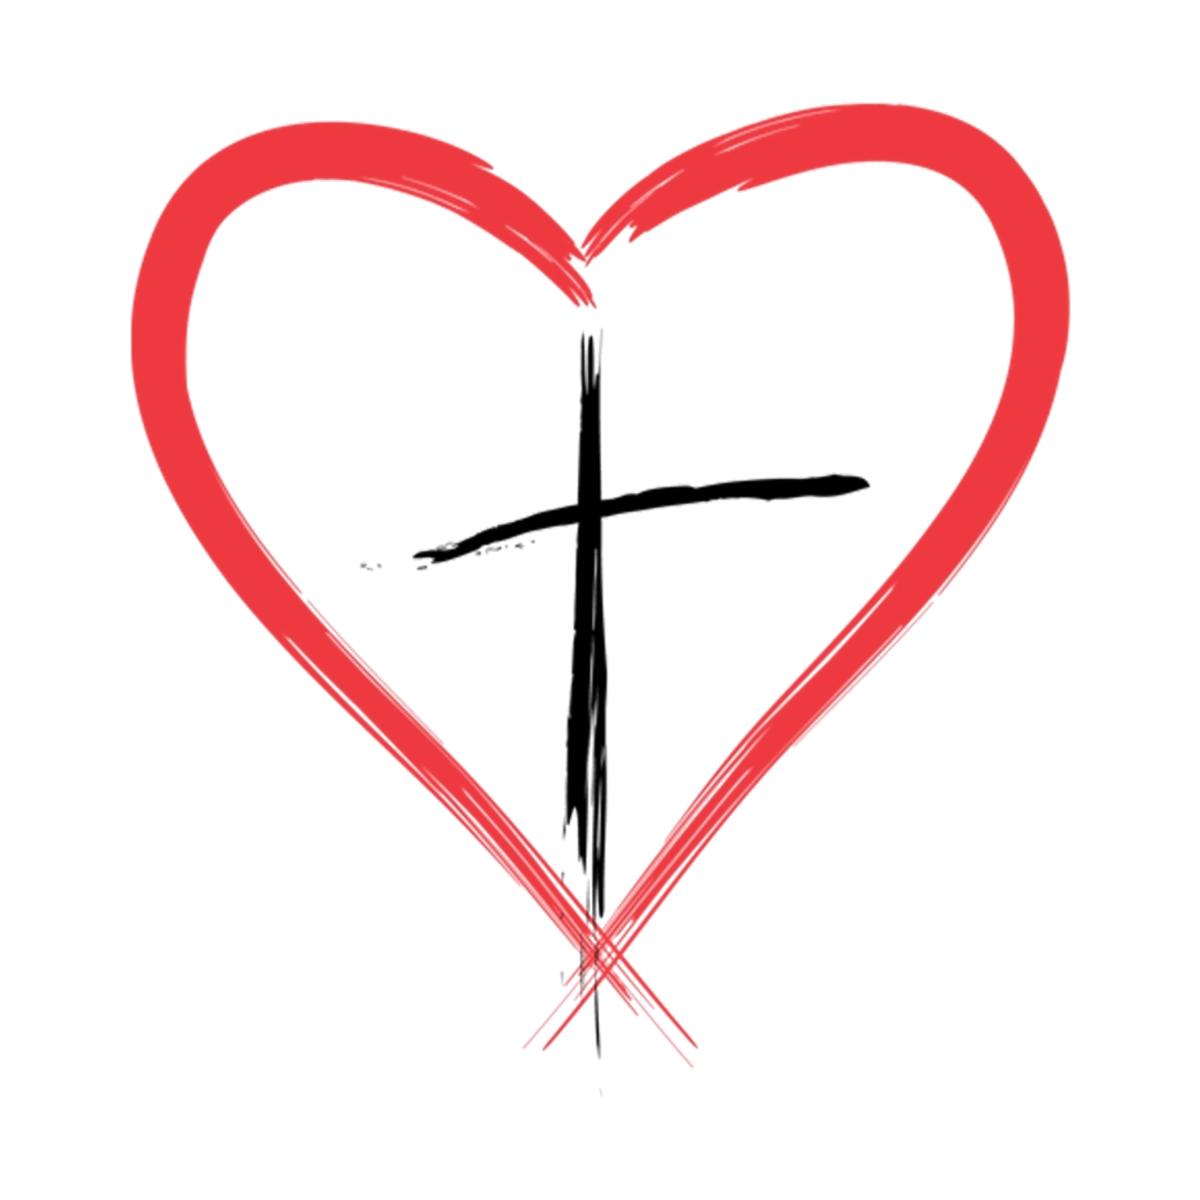 сердце перечеркнутое крестом фото одноименном